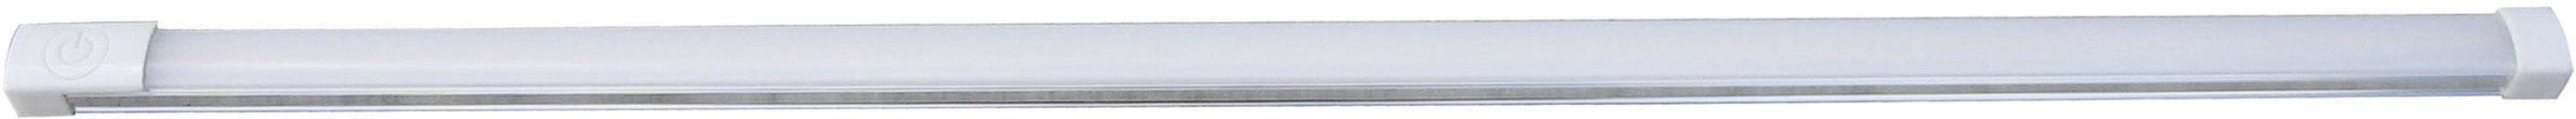 LED svetelná lišta, základná sada DioDor DIO-TL60-SP-FN, 10 W, 60 cm, teplá biela, biela